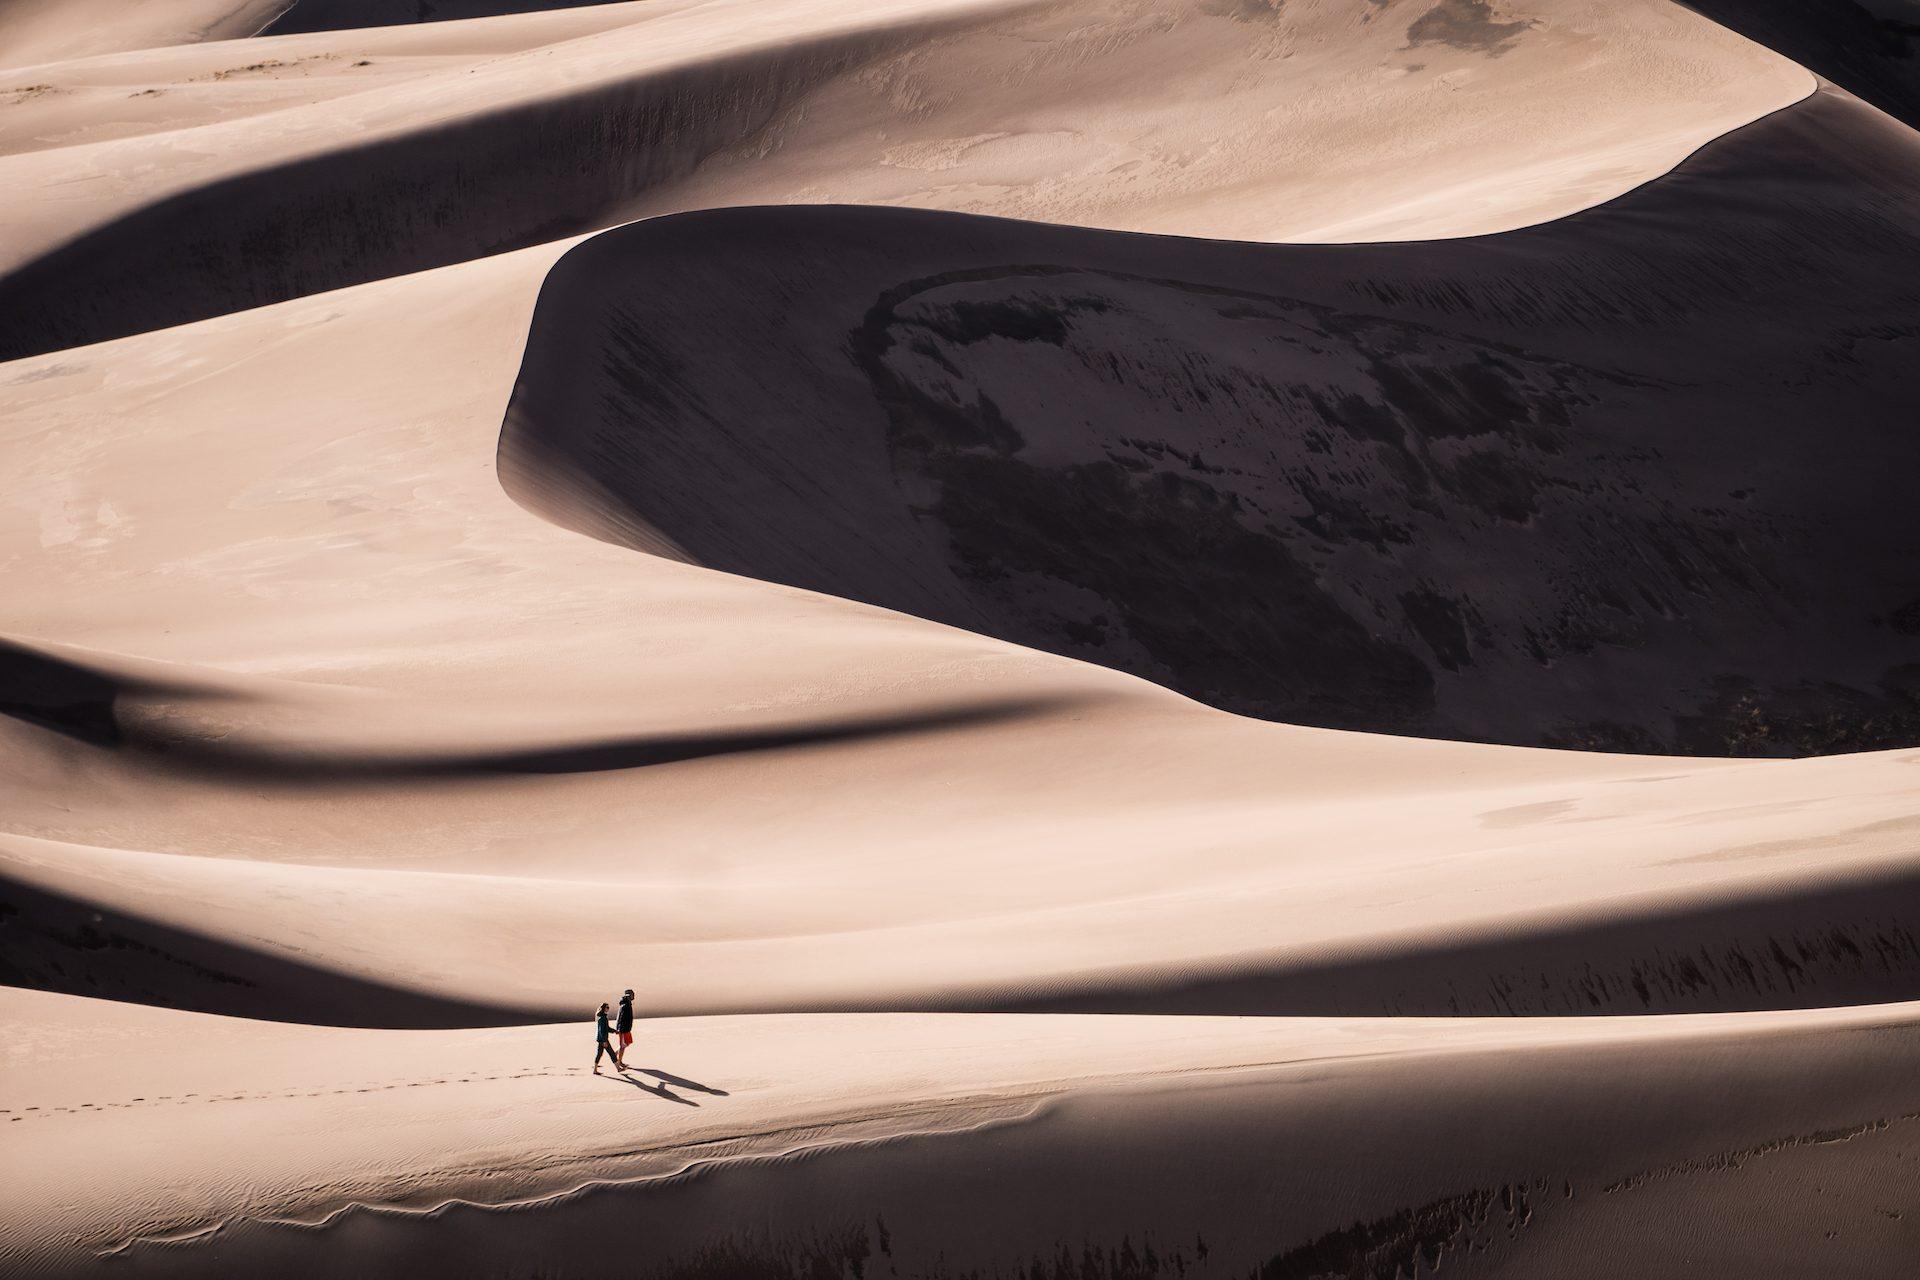 έρημο, Άμμος, ζευγάρι, θίνες, Soledad - Wallpapers HD - Professor-falken.com